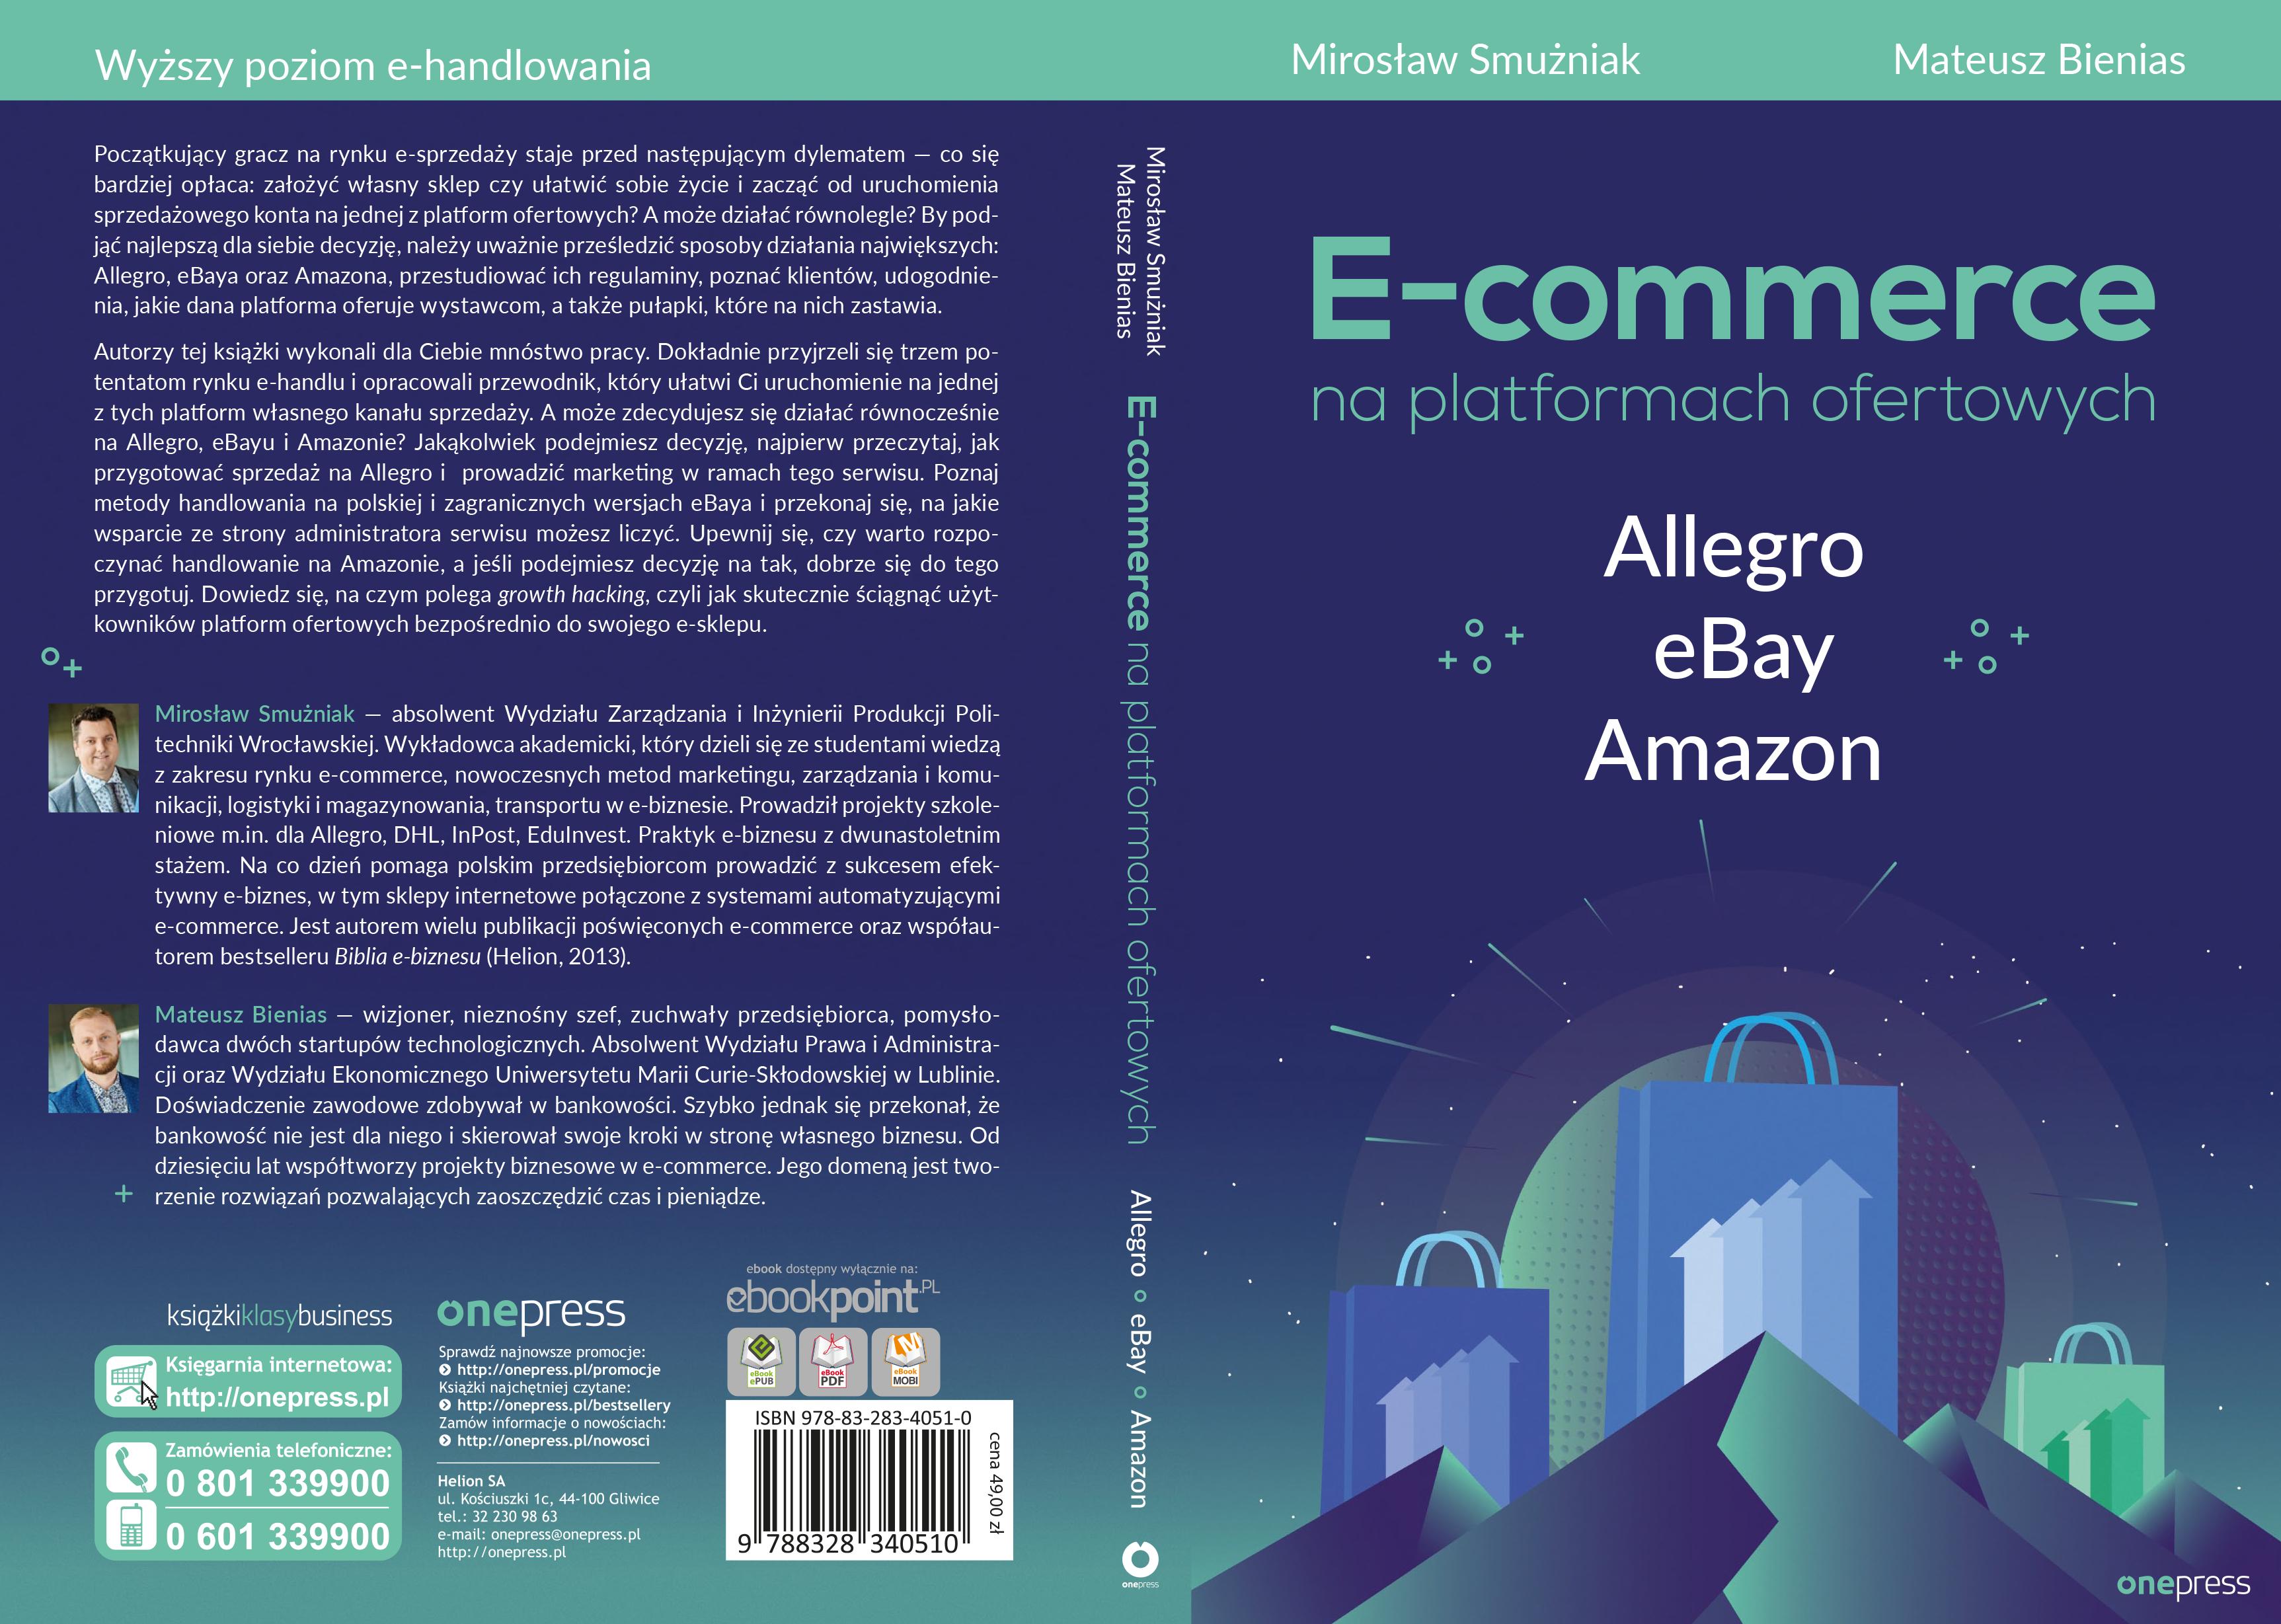 E- commerce na platformach